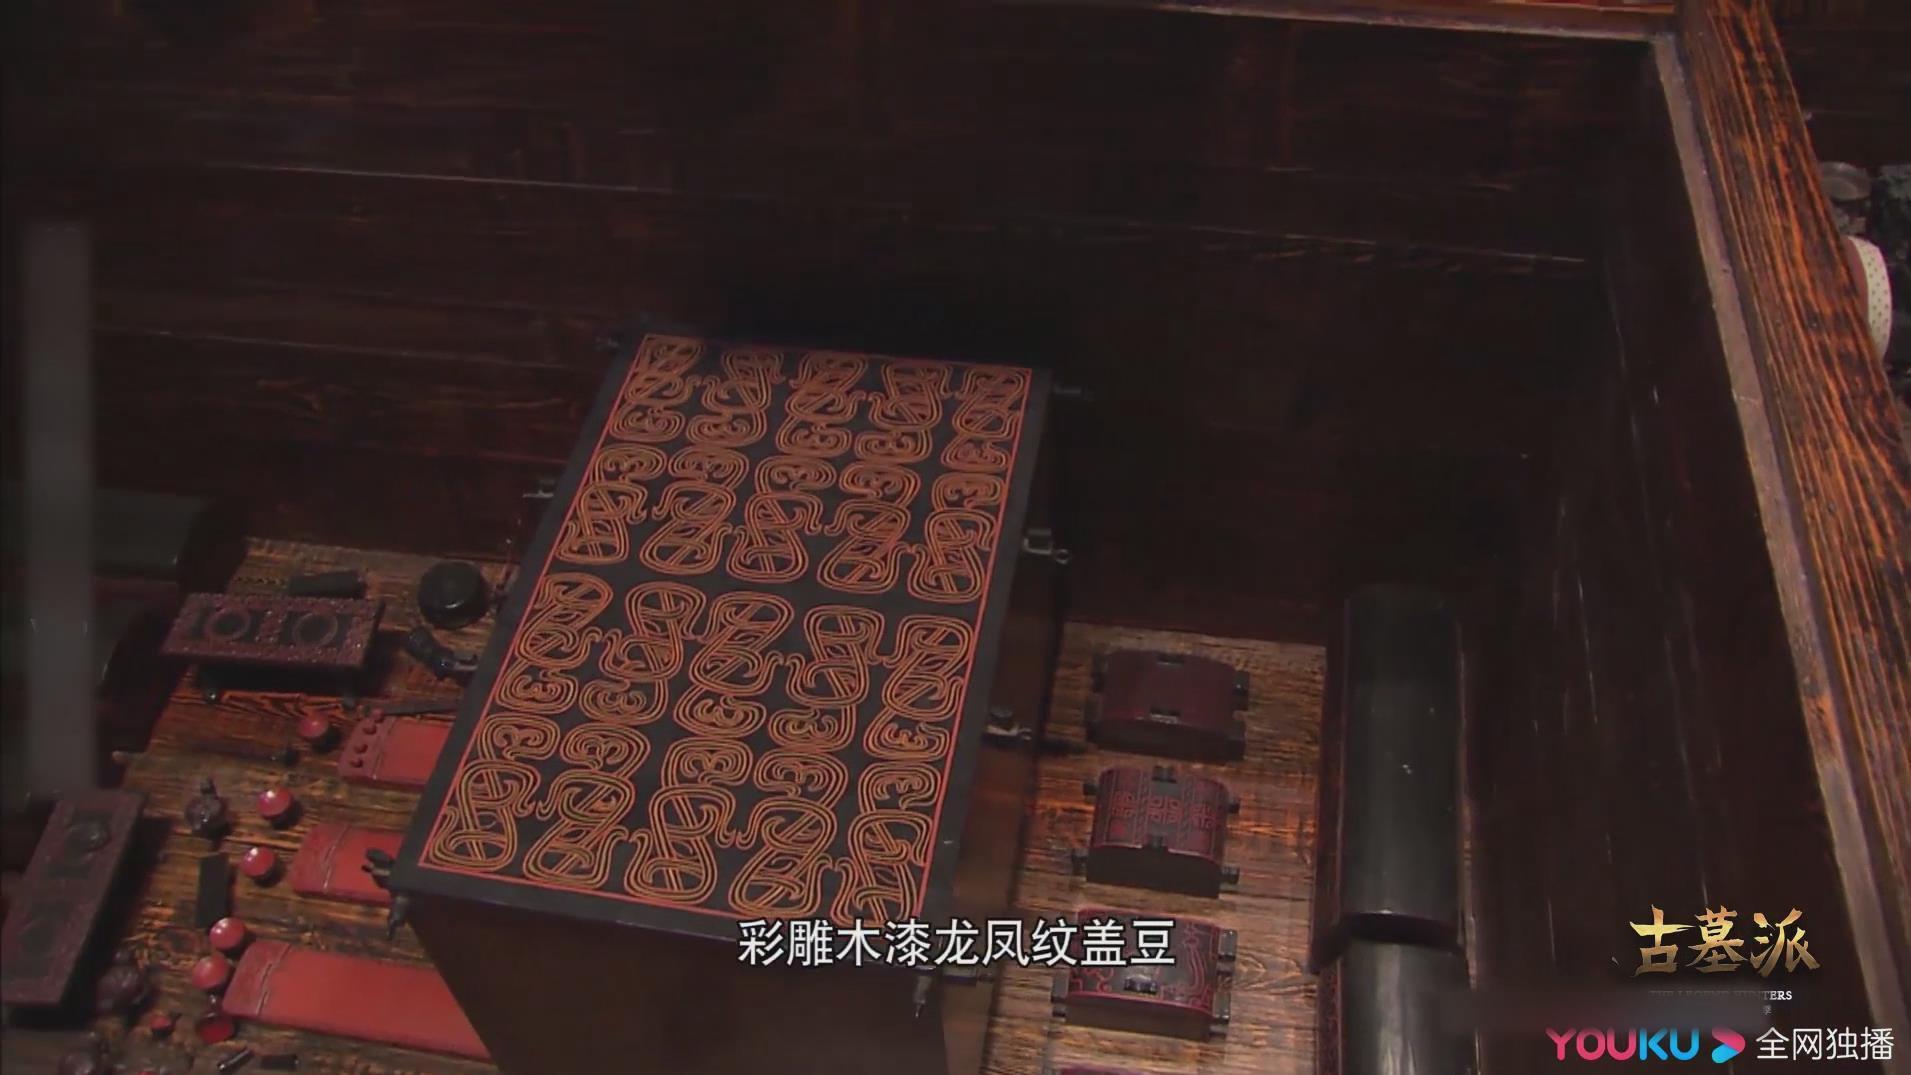 主棺下发现大量文物 彩雕木漆龙凤紋盖豆进入人们视野